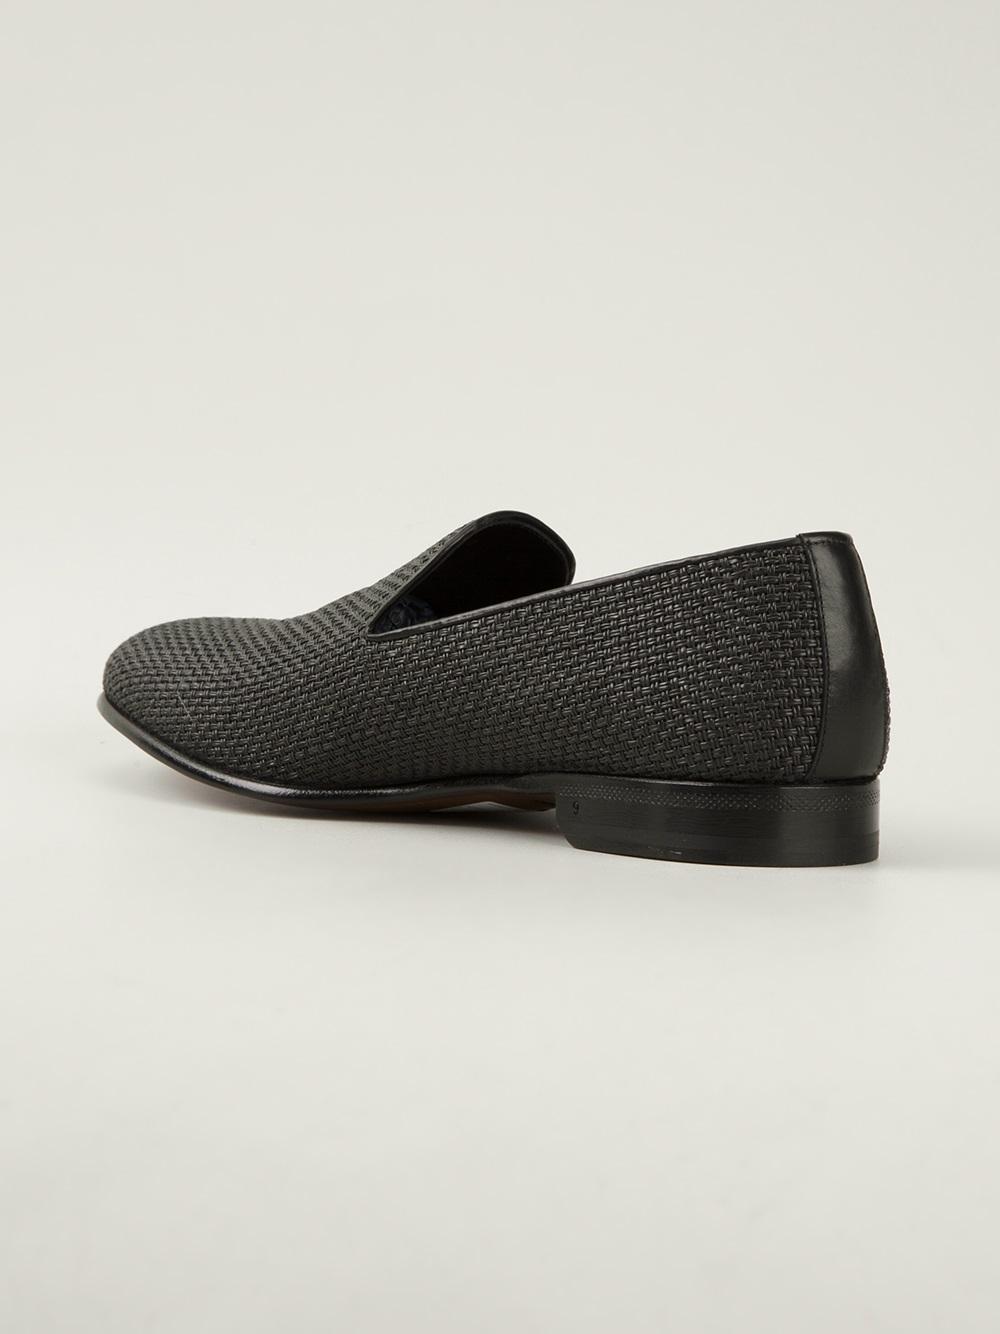 Sergio Rossi Woven Slipper in Black for Men